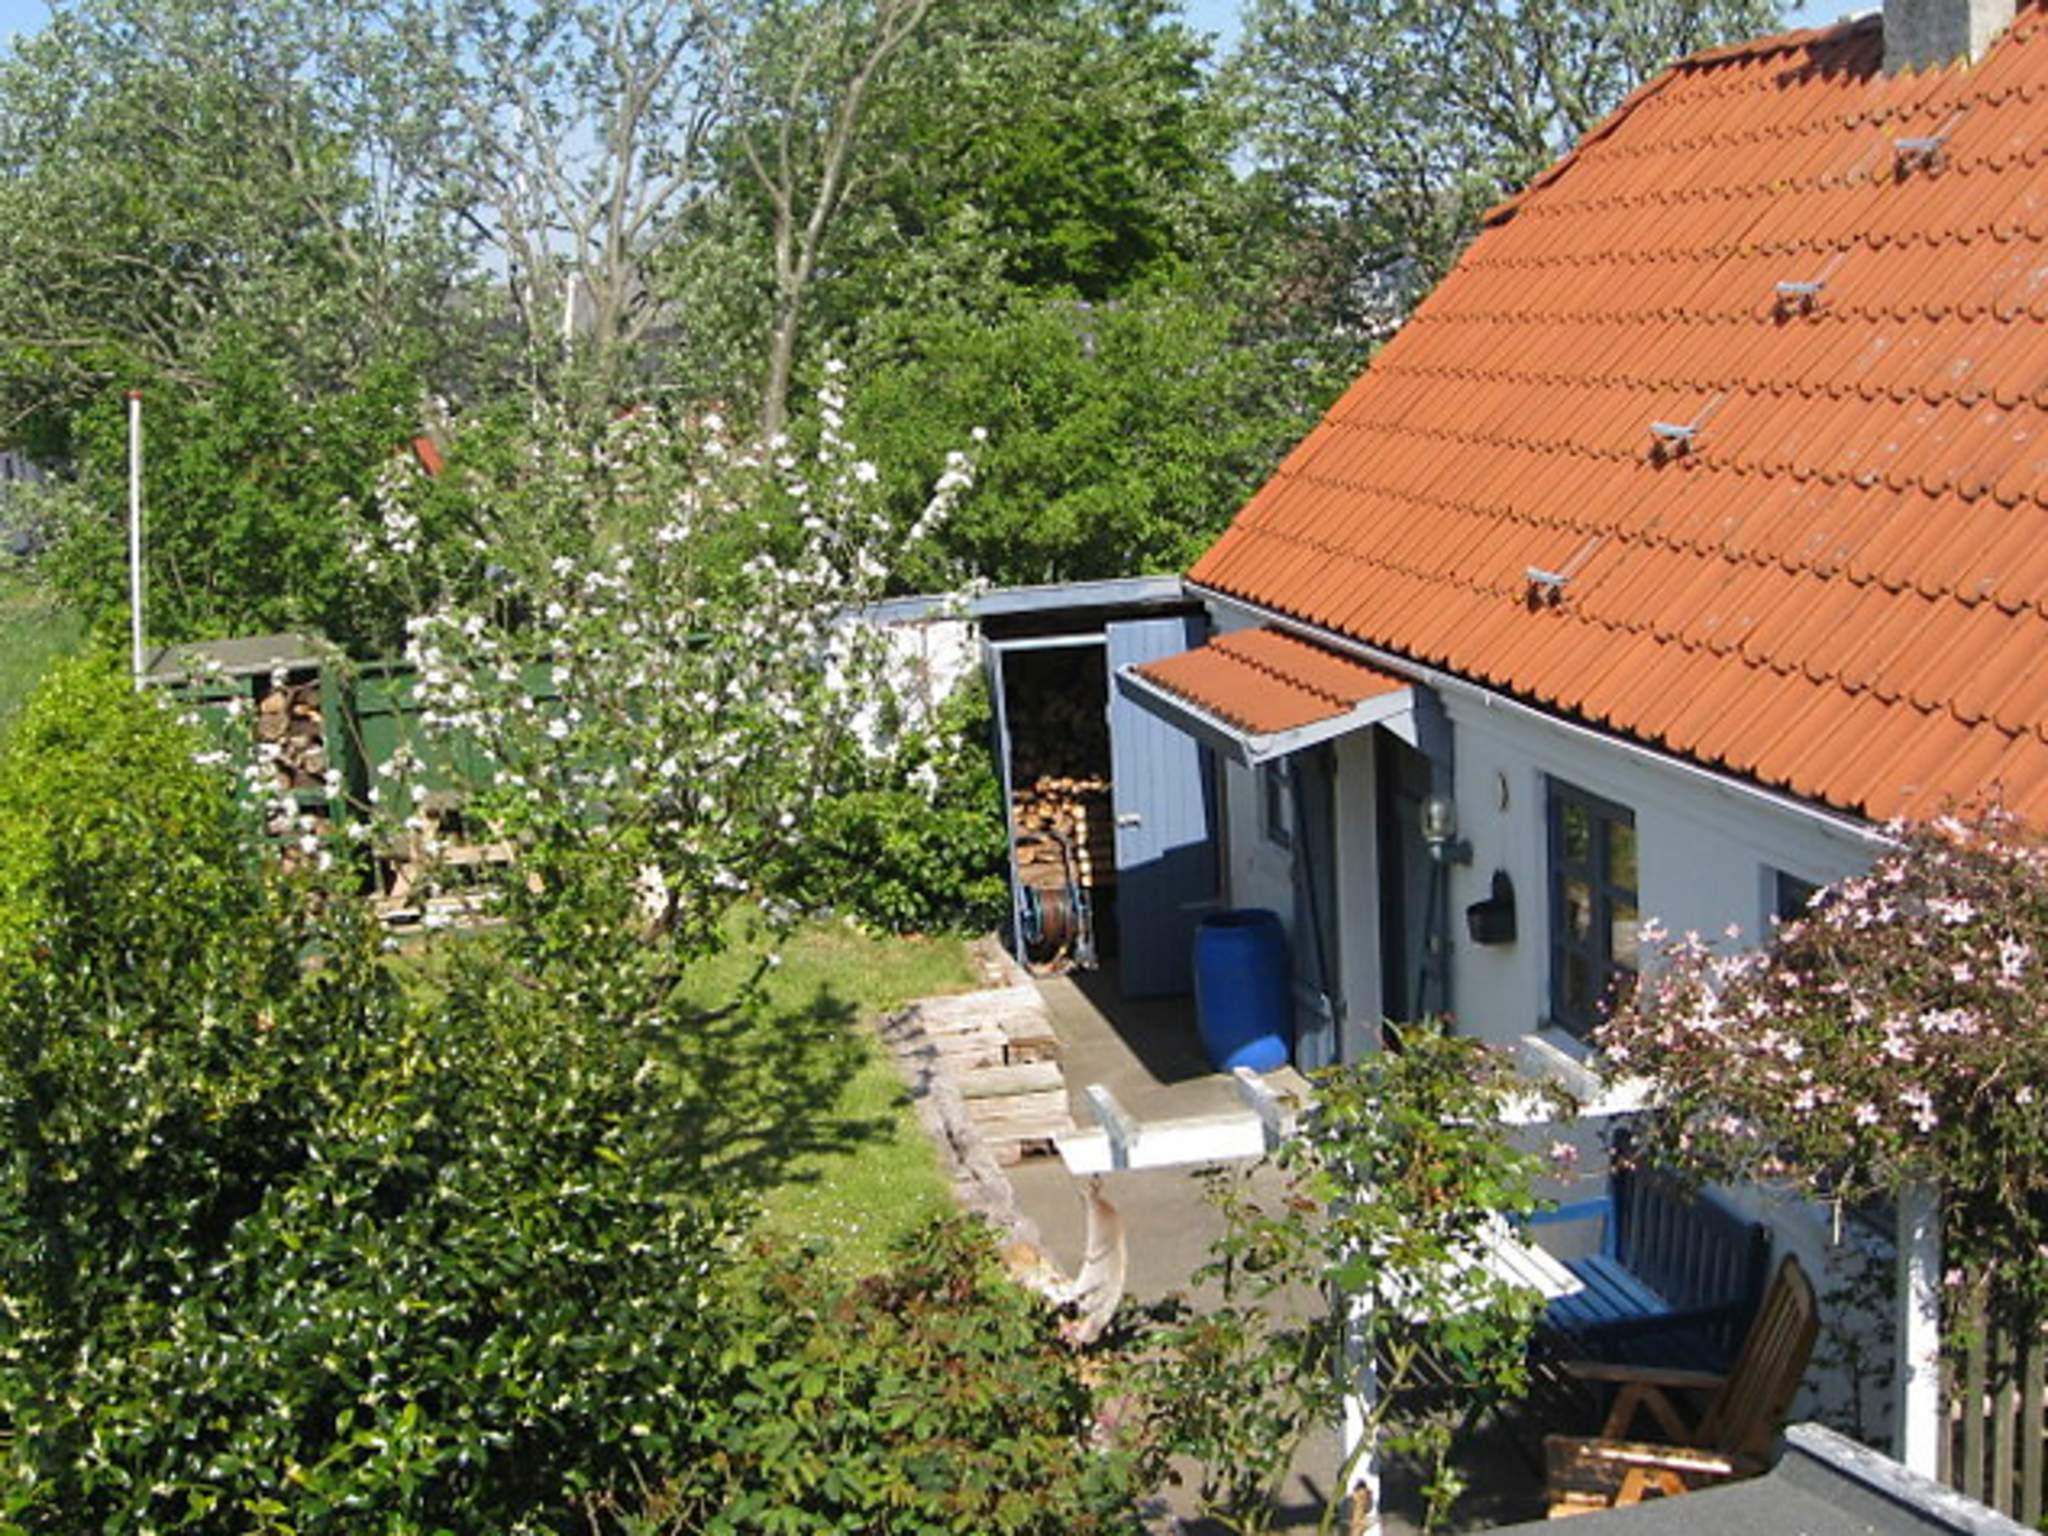 Ferienhaus St. Darum (306951), Bramming, , Südjütland, Dänemark, Bild 1